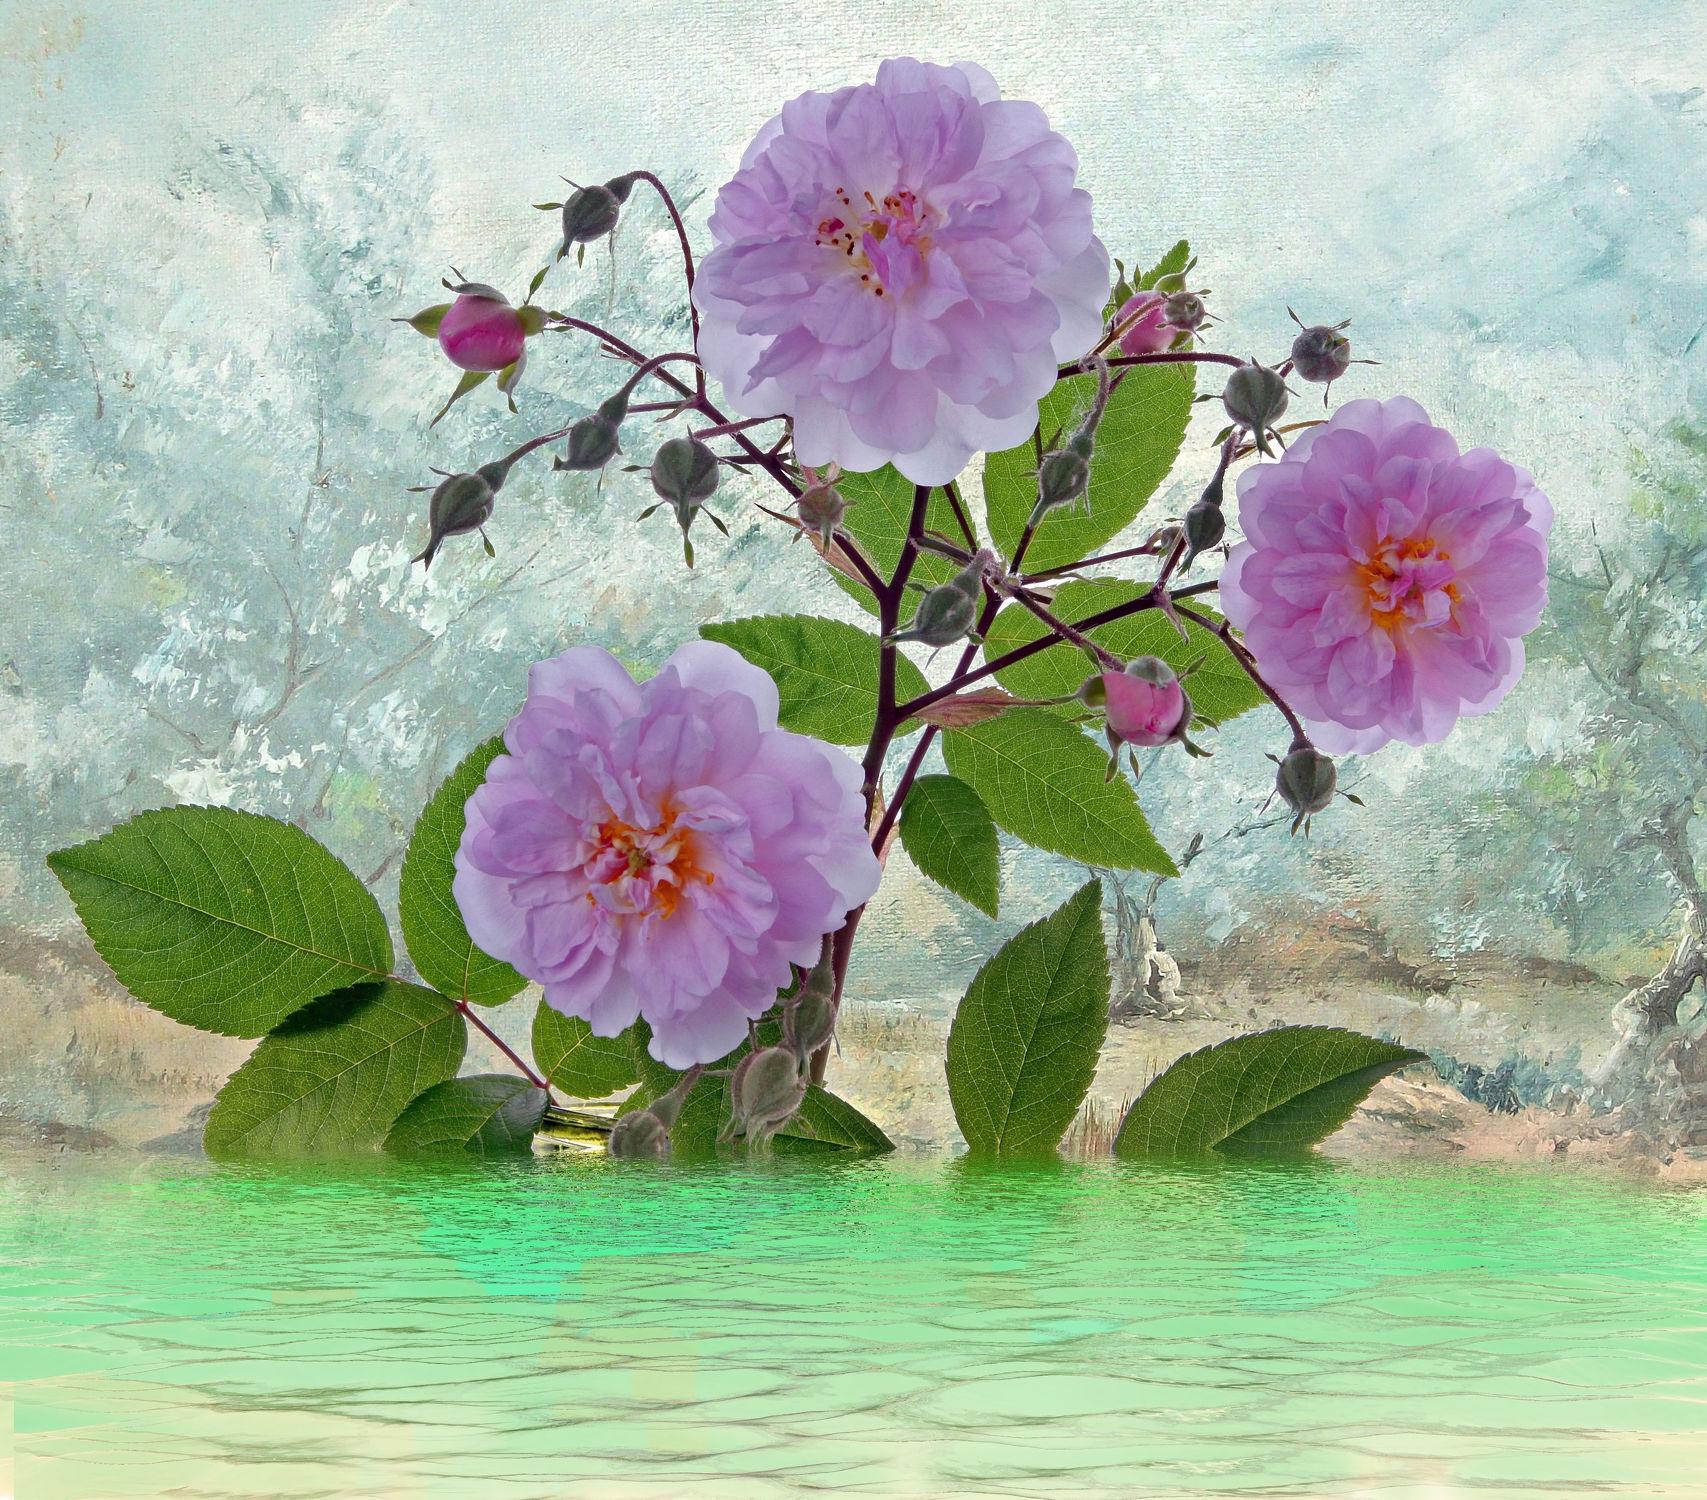 Bild mit Wasser, Pflanzen, Himmel, Wolken, Blumen, Landschaft, Blume, Pflanze, See, Spiegelung, Stilleben, Blüten, blüte, Fluss, Ufer